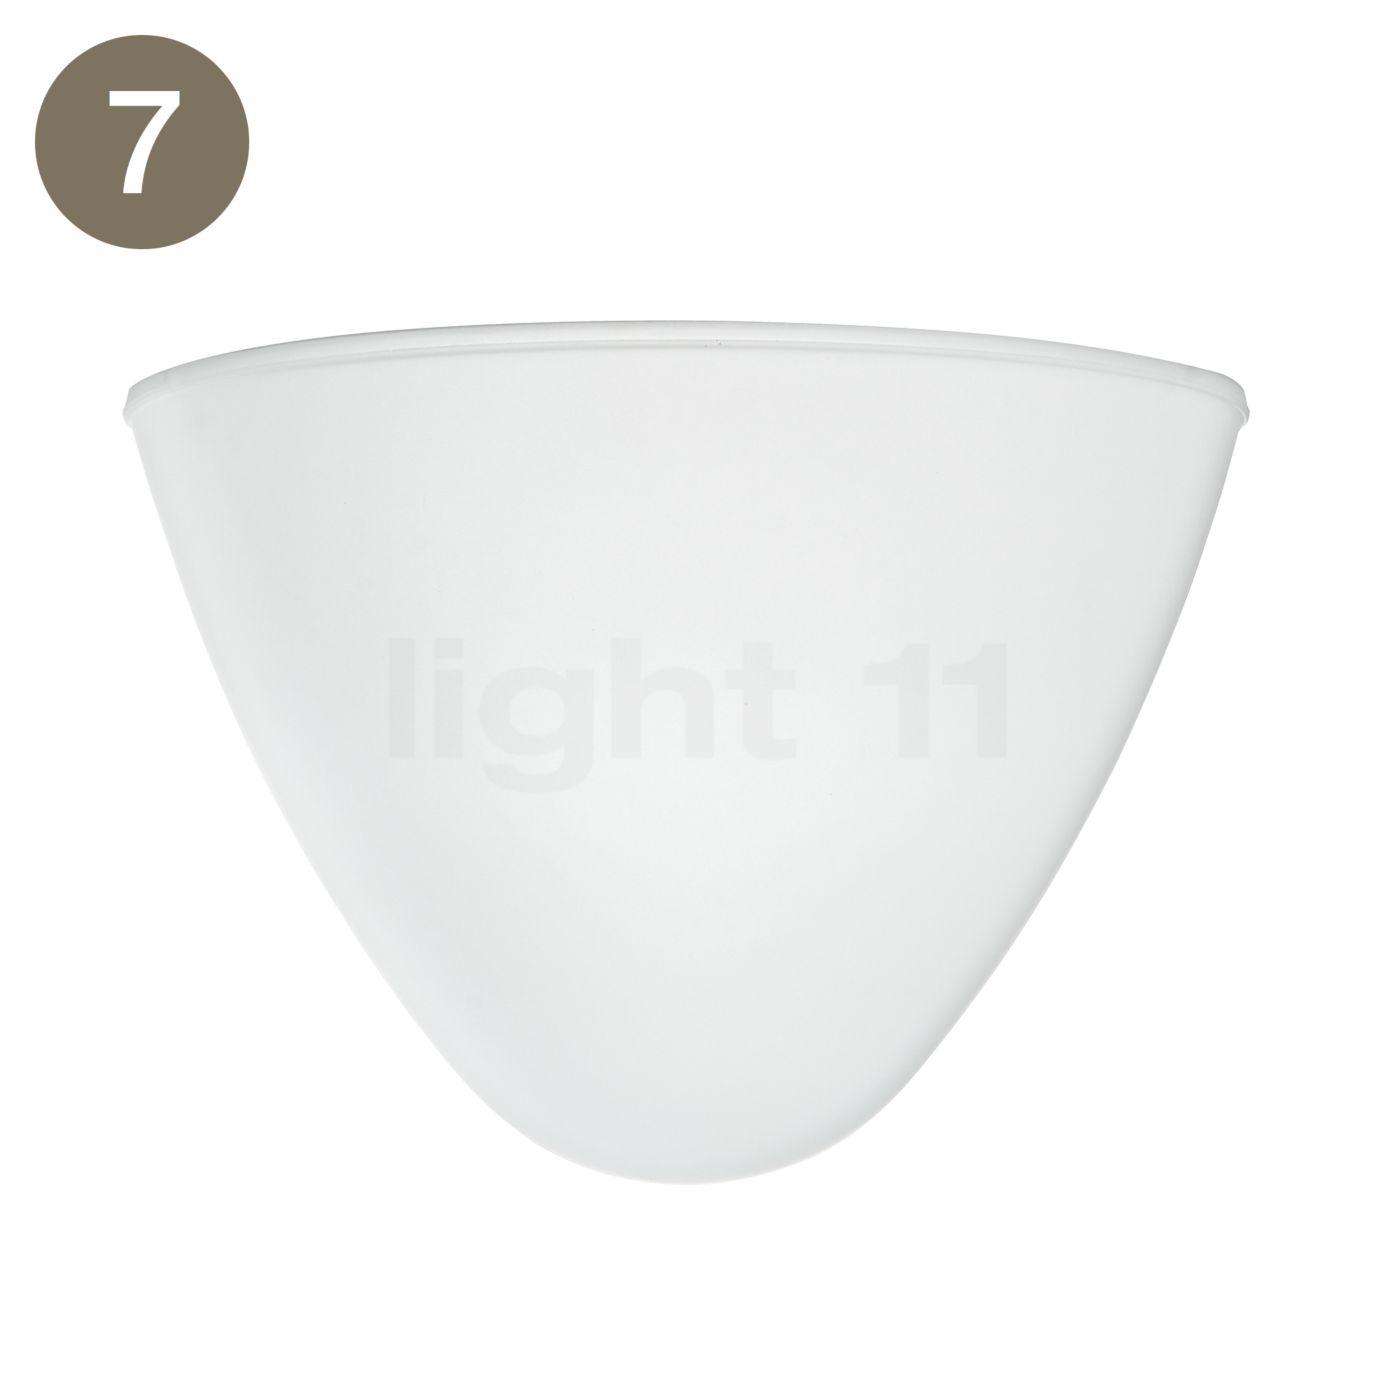 Flos Pièces détachées pour Romeo Soft S2, Pièce n° 7 : verre interne acidifié